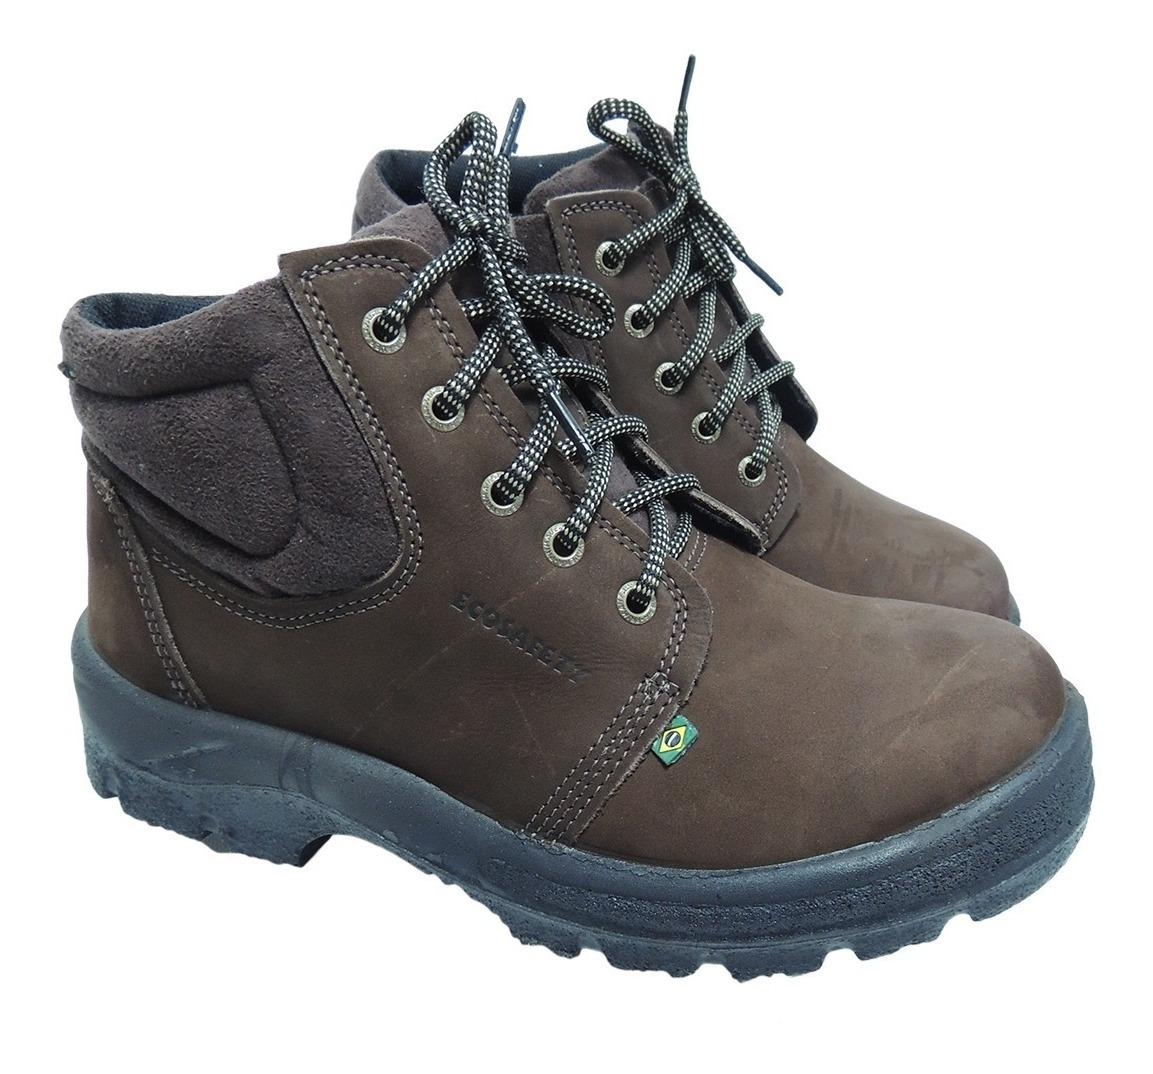 3f9d5ef228 nobuck botina bota segurança bico pvc café marrom ecosafety. Carregando zoom .